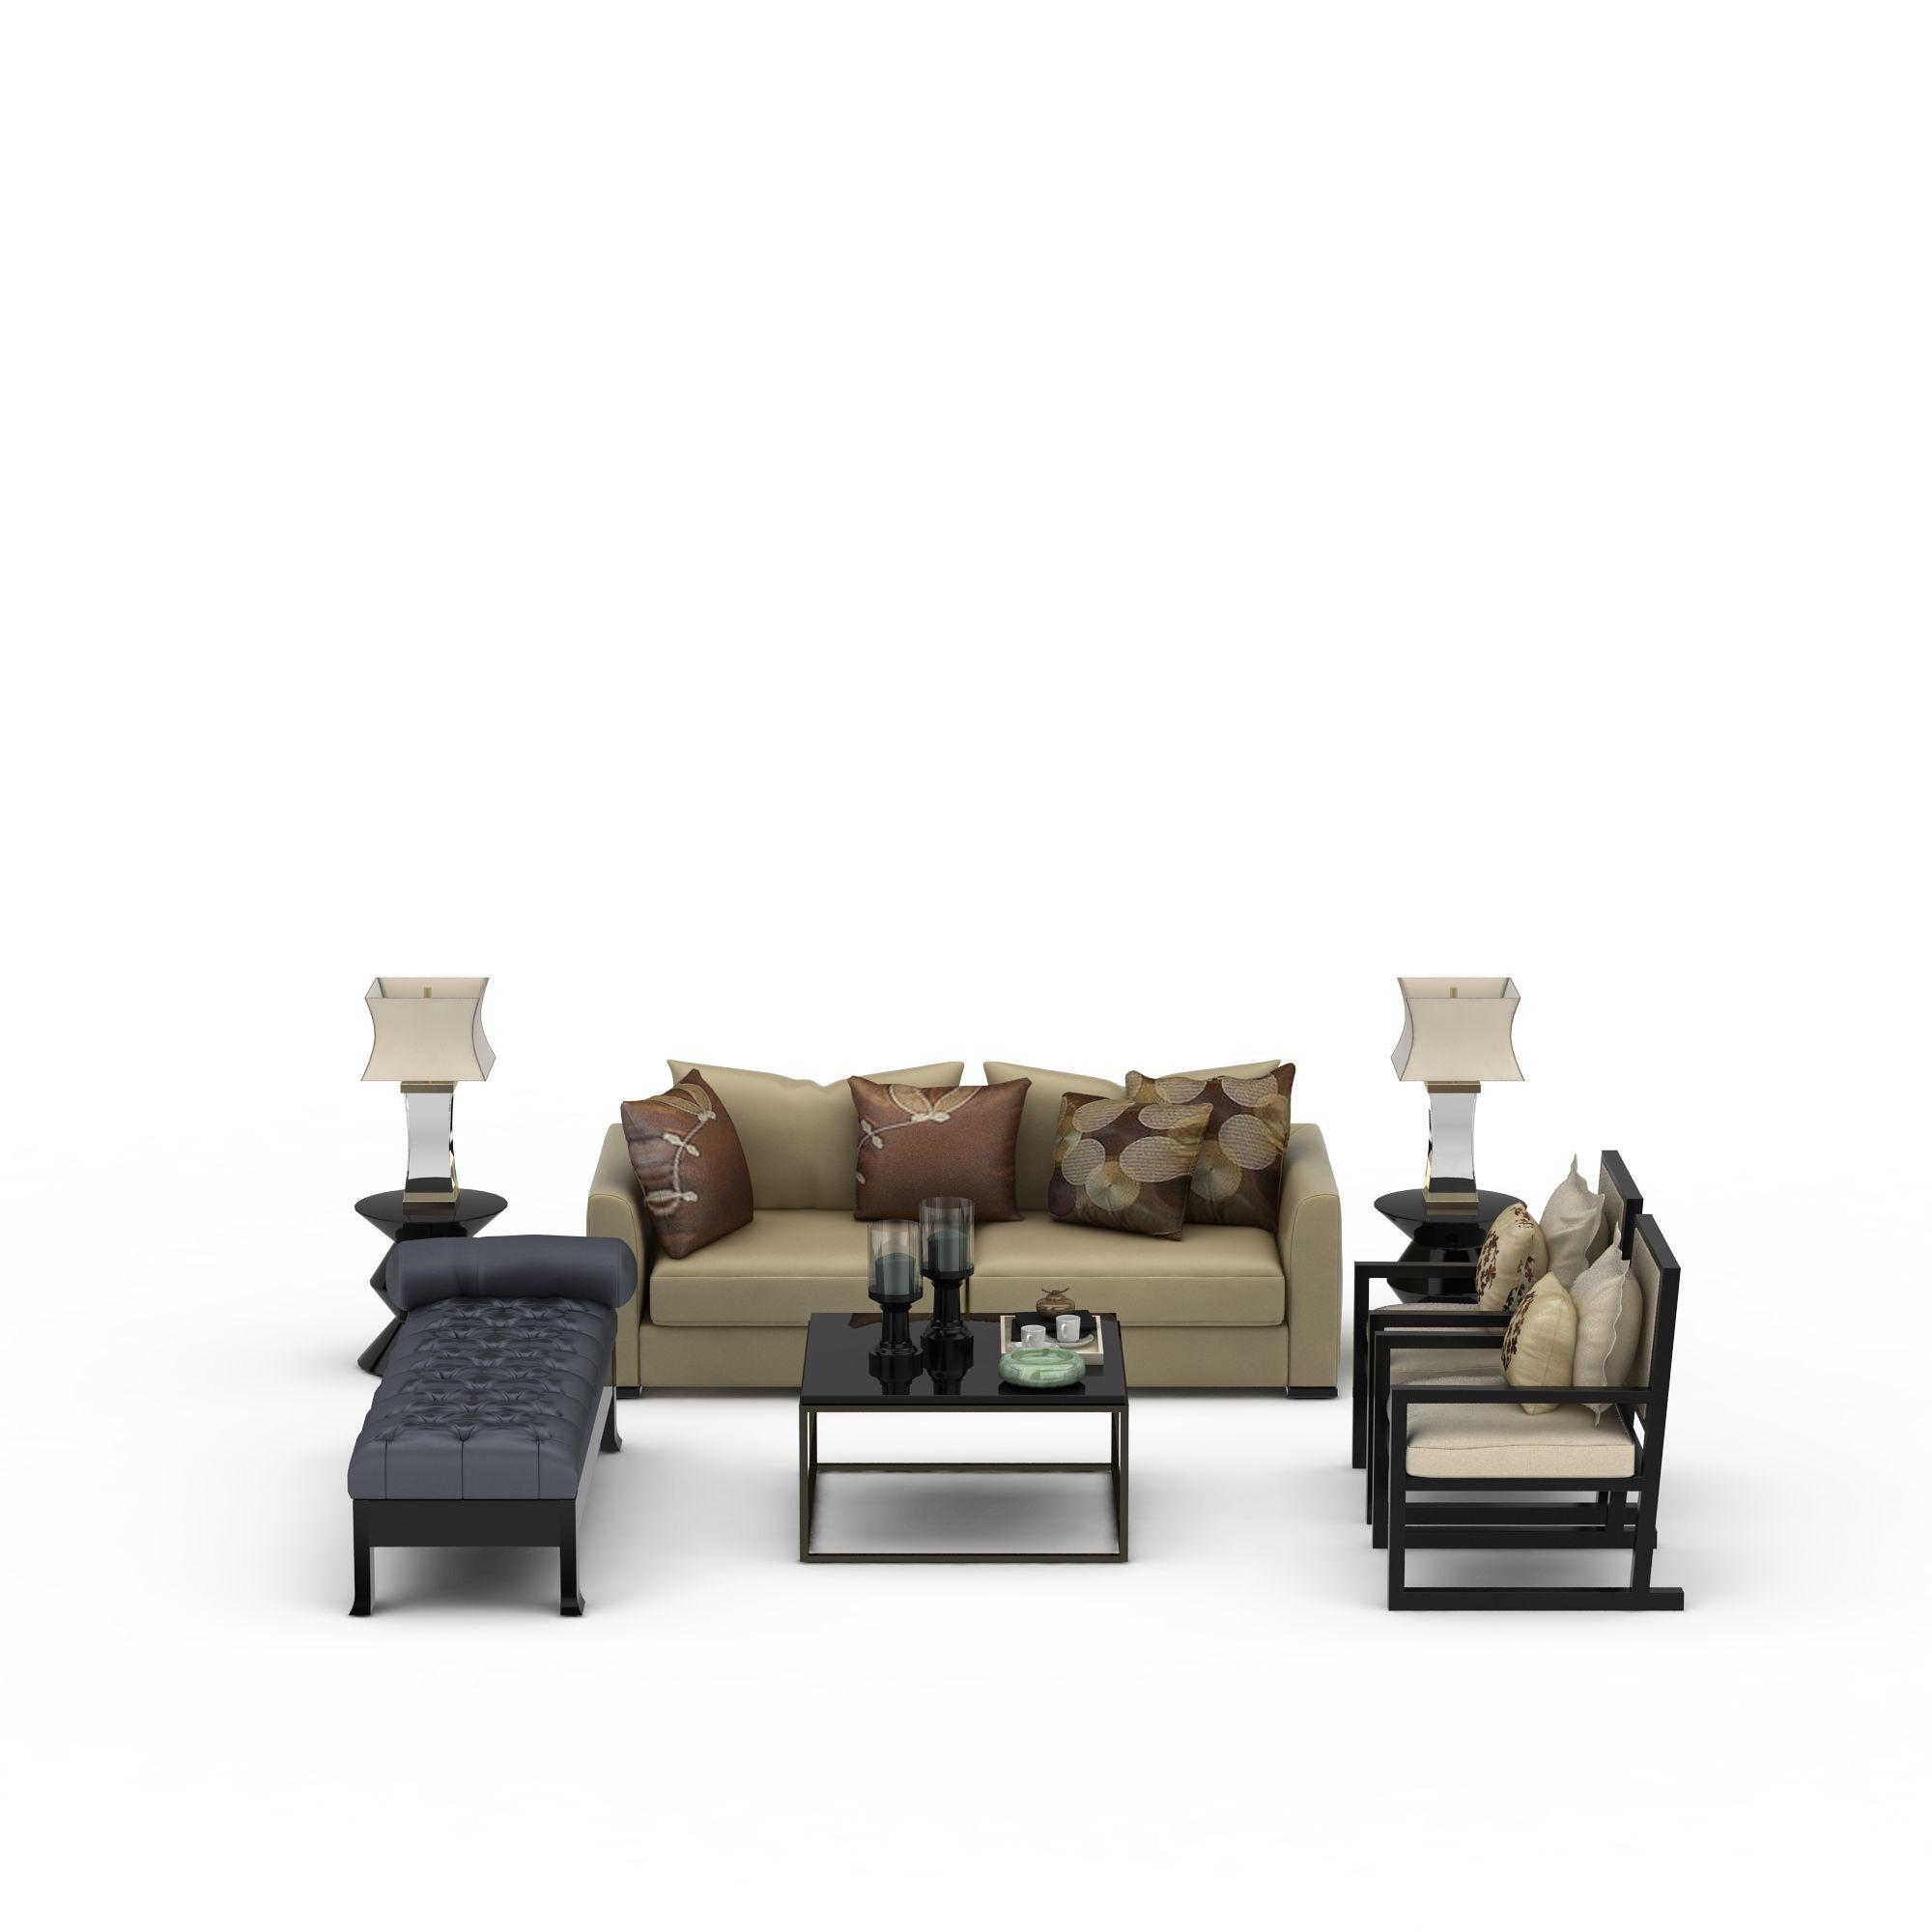 家具组合 桌椅 新中式沙发茶几组合3d模型 新中式沙发茶几组合png高清图片